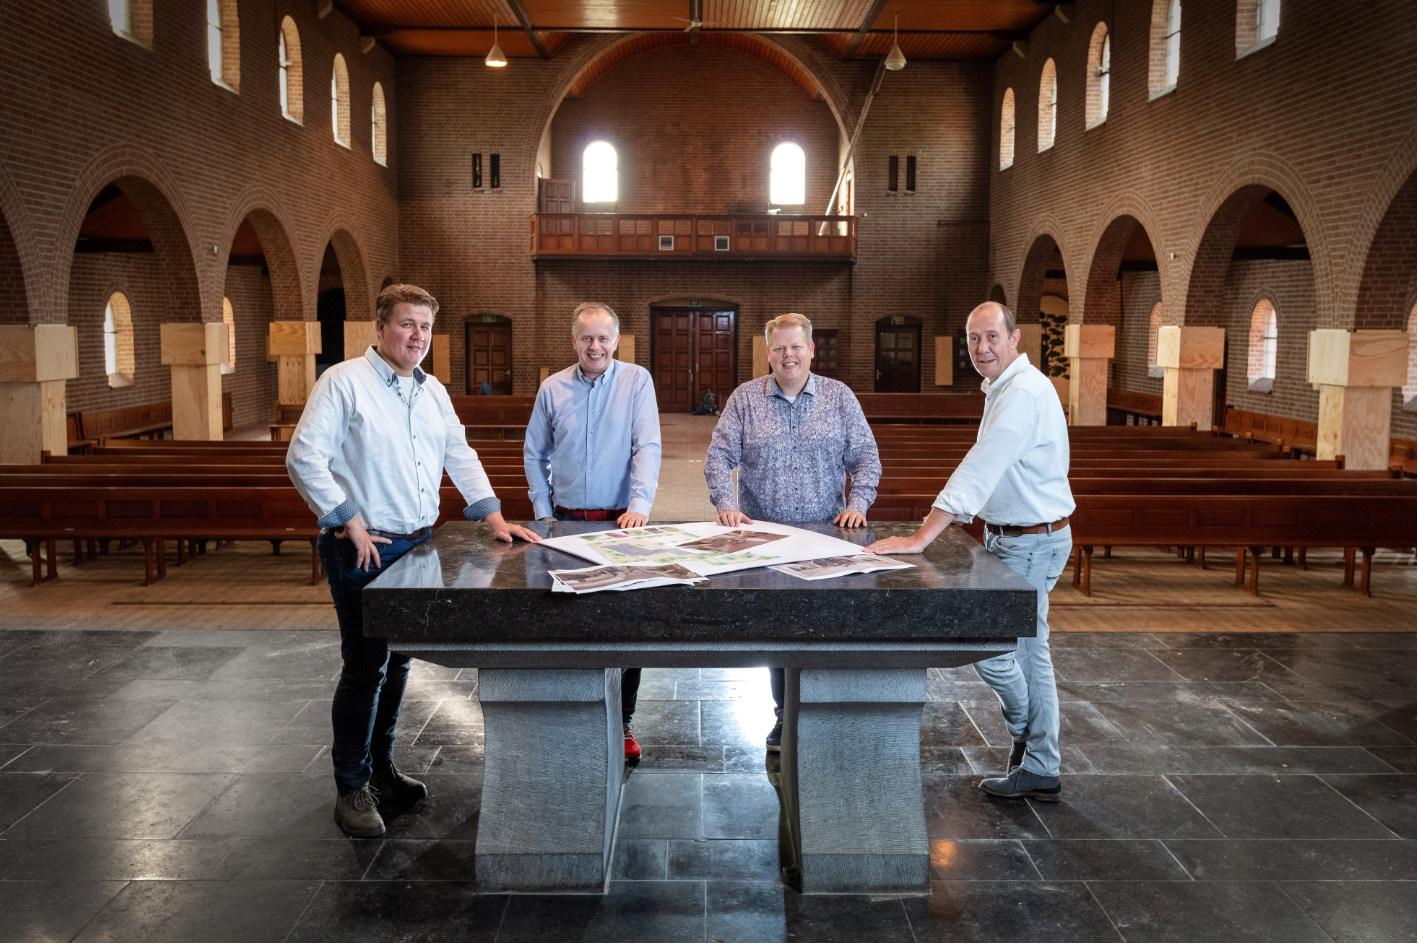 Rinaldo Kerkhoff (IBZ Albergen), Léon Lucas, Arjan Lucas (Lucas IT) en Roy Kokhuis (Bouwkonsult).